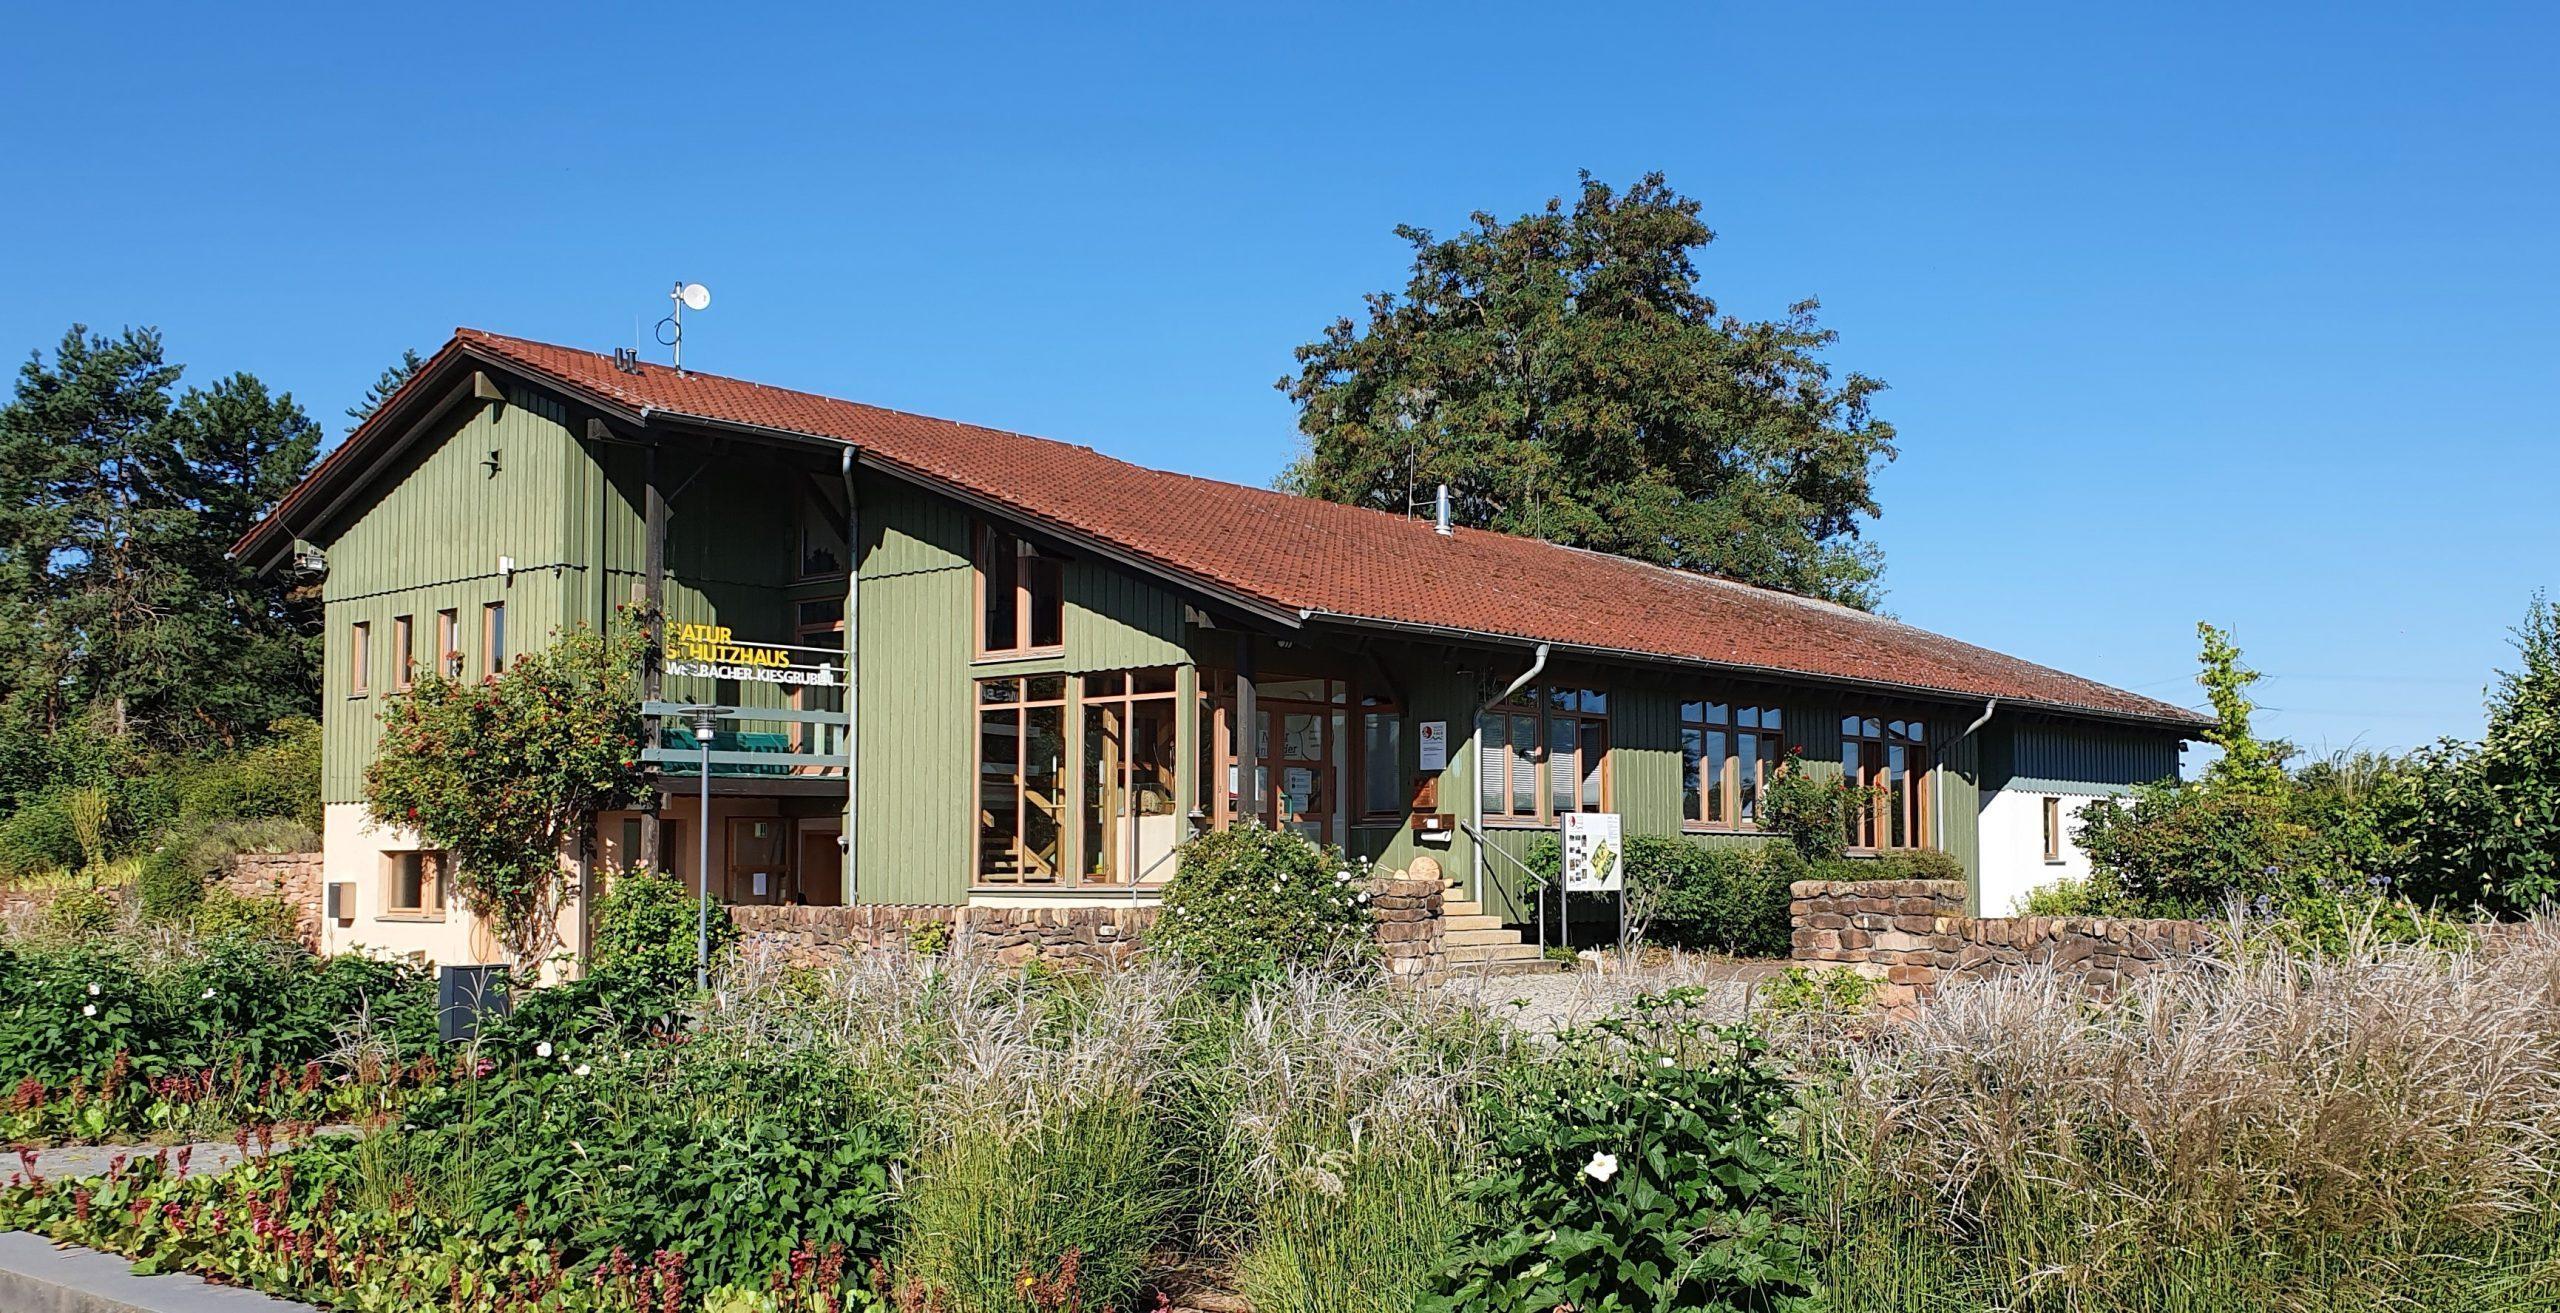 Naturschutzhaus Weilbacher Kiesgruben